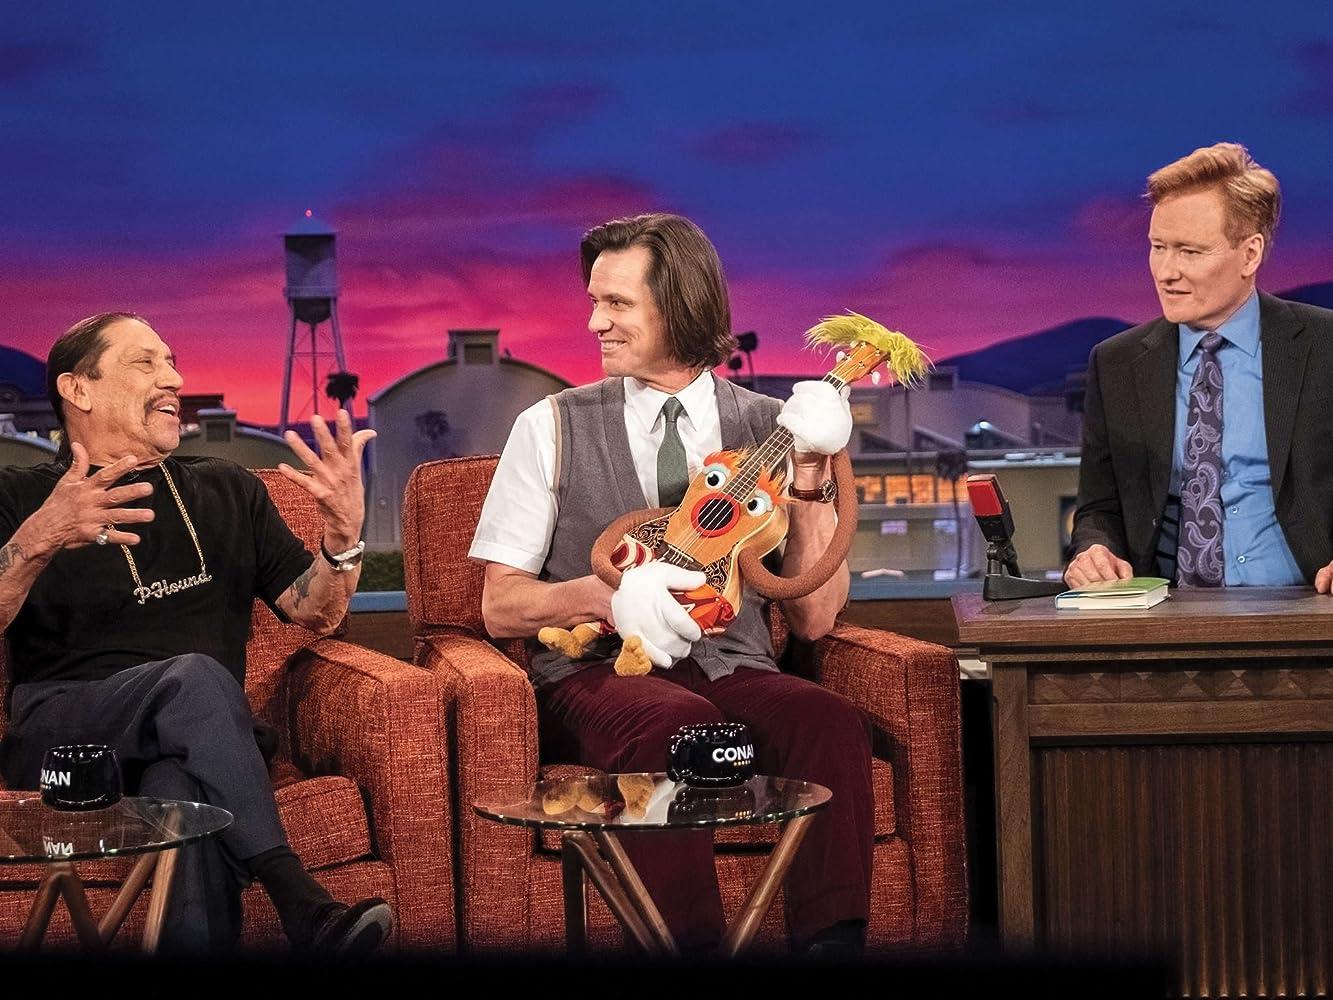 Jim Carrey, Danny Trejo, and Conan O'Brien in Kidding (2018)